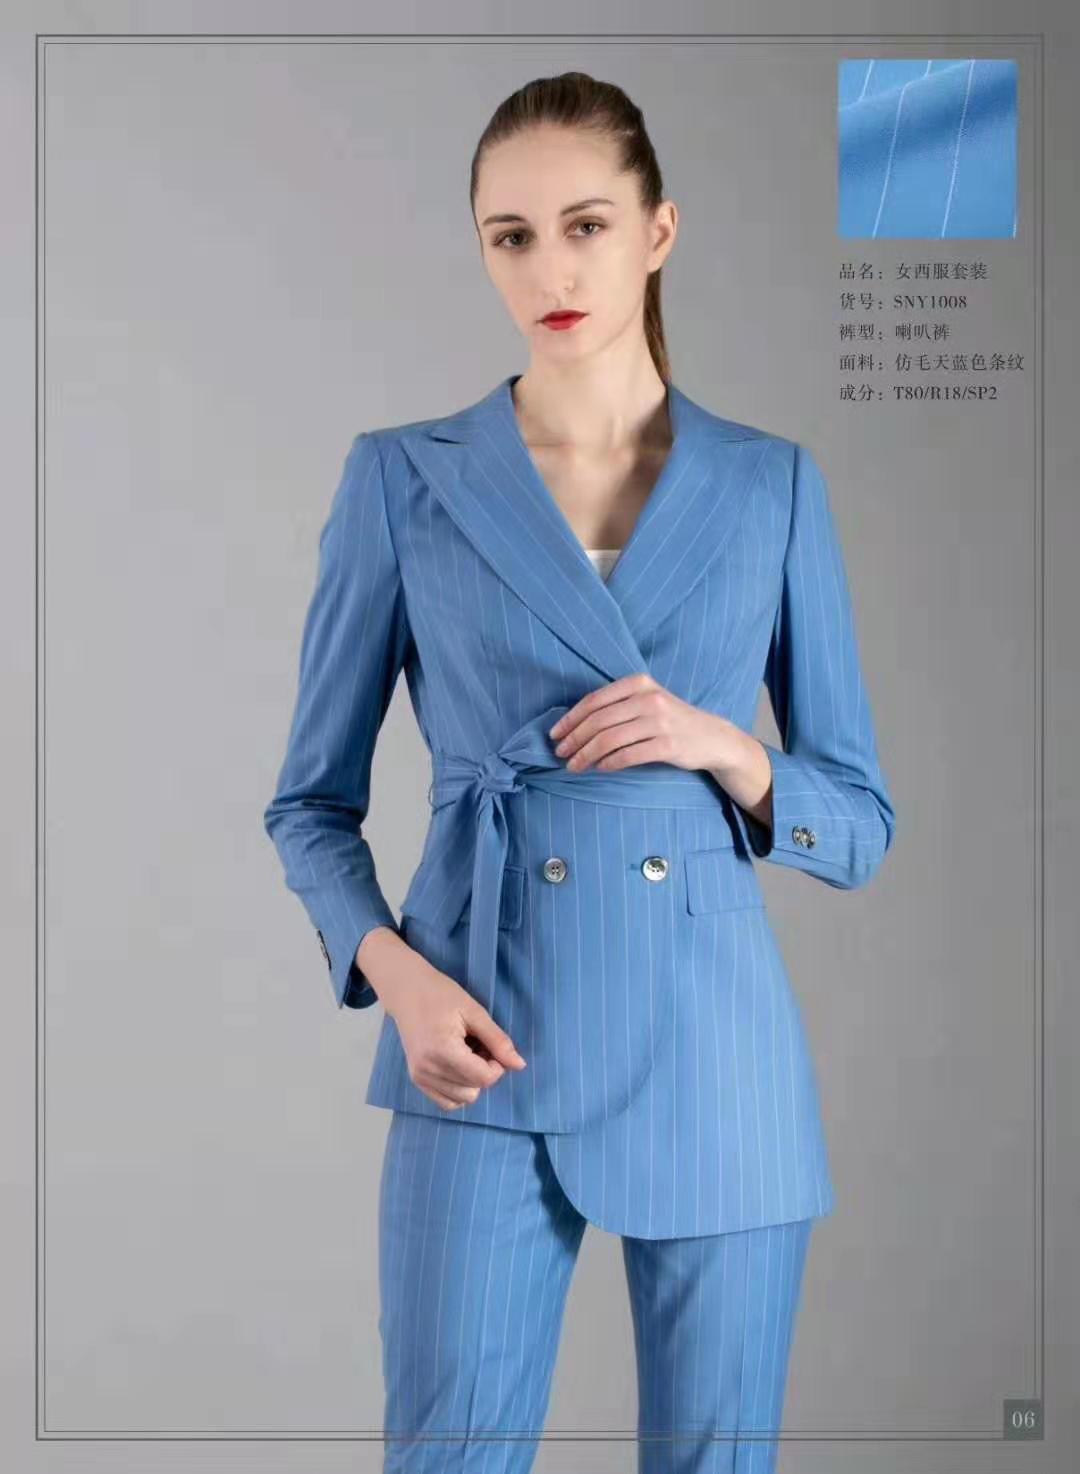 双排扣不规则下摆蓝色戗驳领西服裤套装女装私人订制